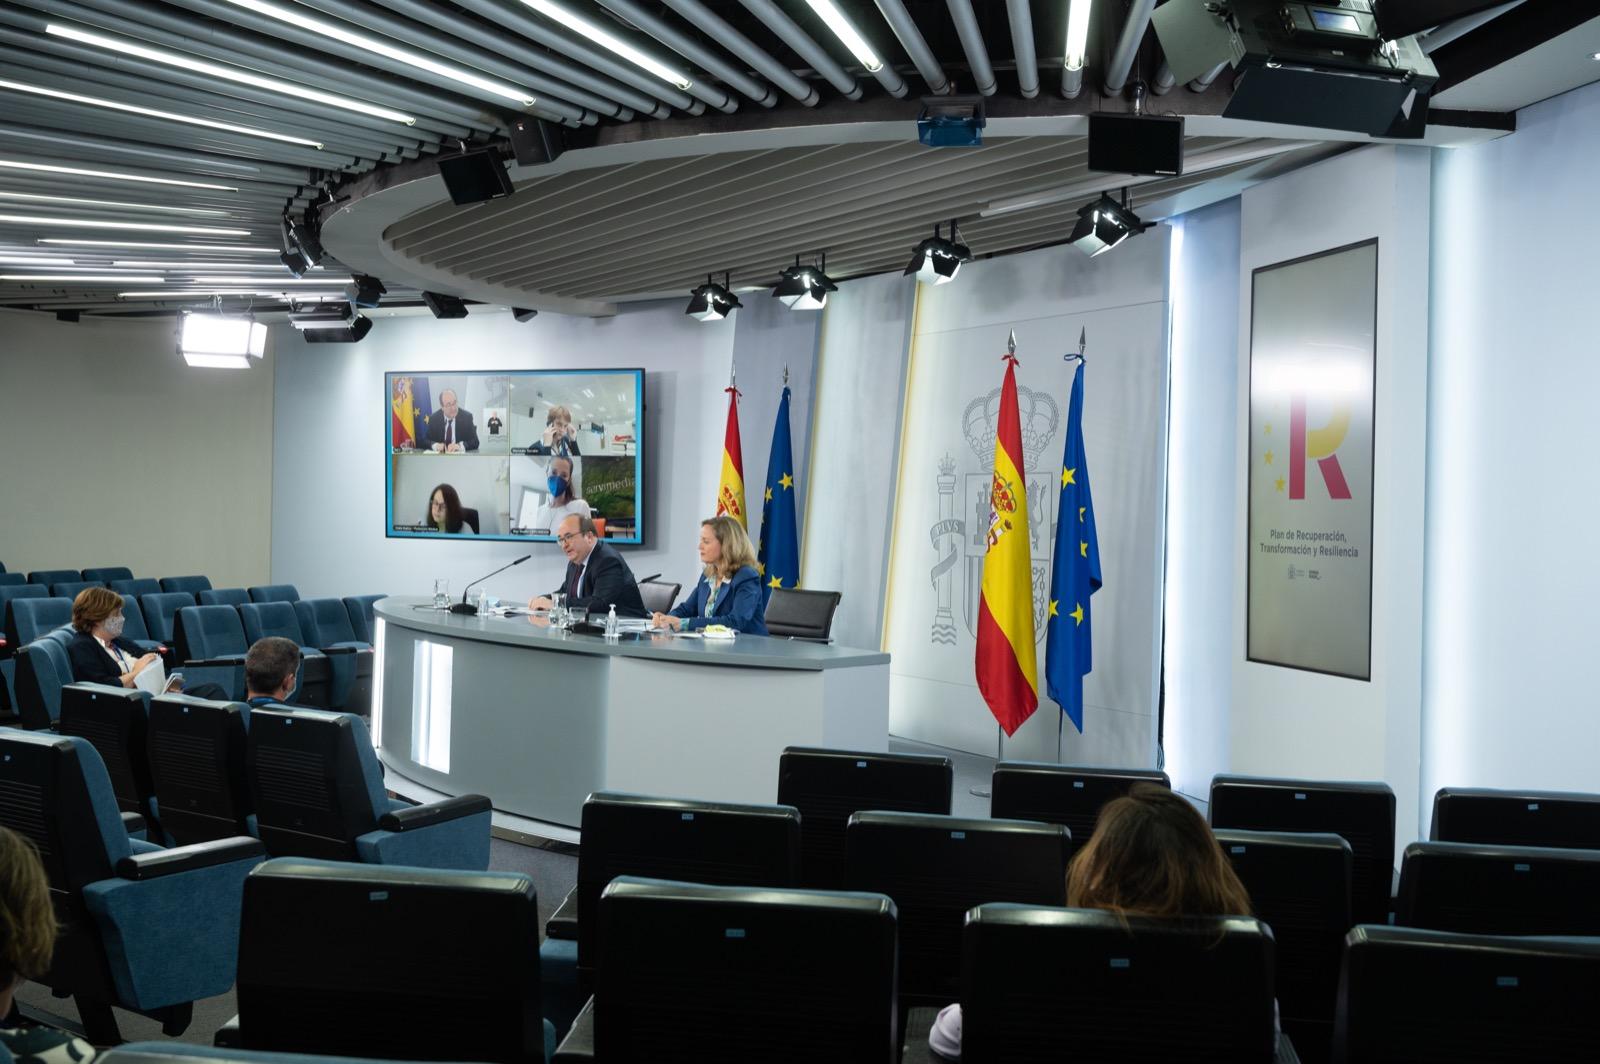 rueda de prensa del lunes de Iceta y Calviño para presentar el Plan de modernización de la Administración Pública para mejorar los servicios digitales a ciudadanos y empresas.- MONCLOA